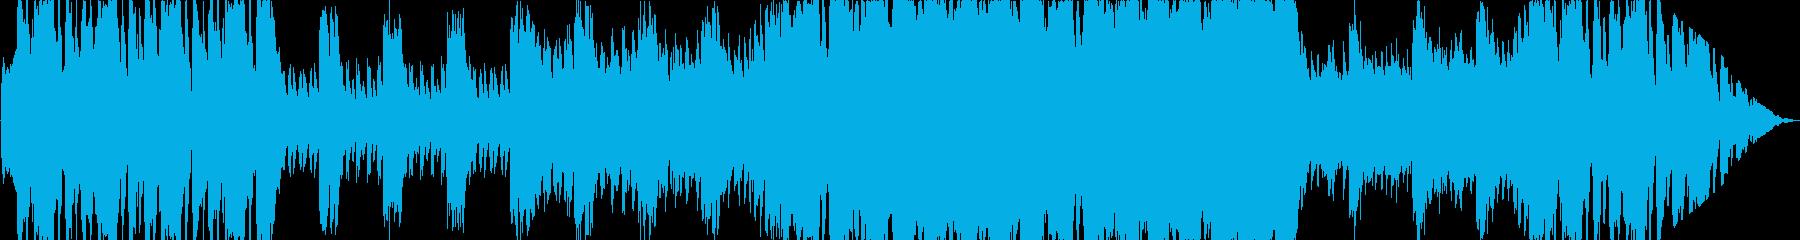 ボス戦に最適な重厚オーケストラの再生済みの波形